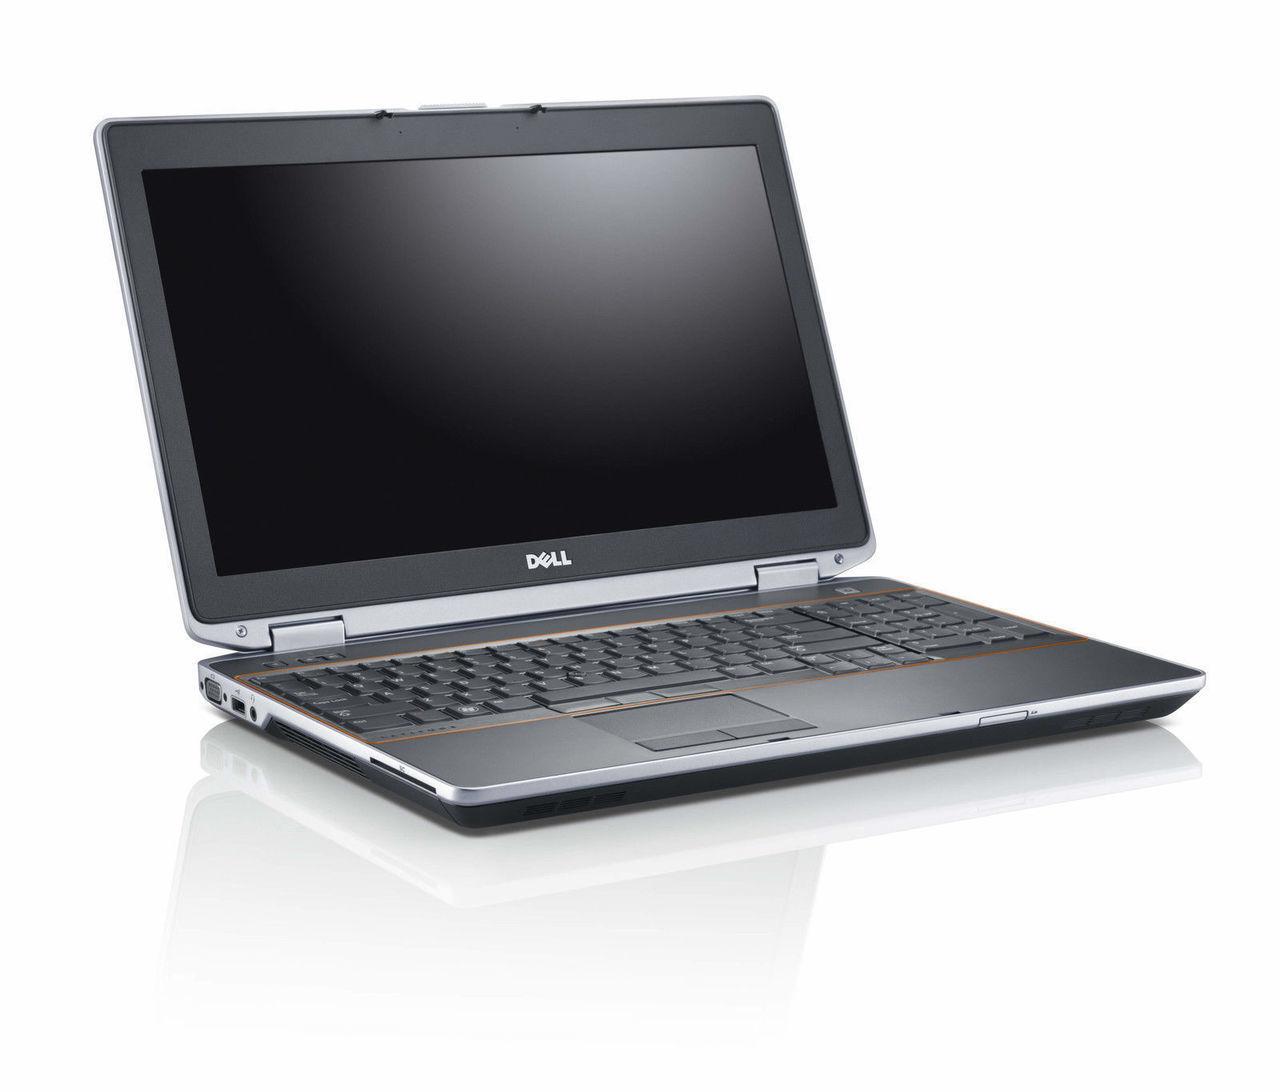 لابتوب DELL E6520 - معالج i5 - كارت شاشة Nvidia - شاشة 15.6 بوصة